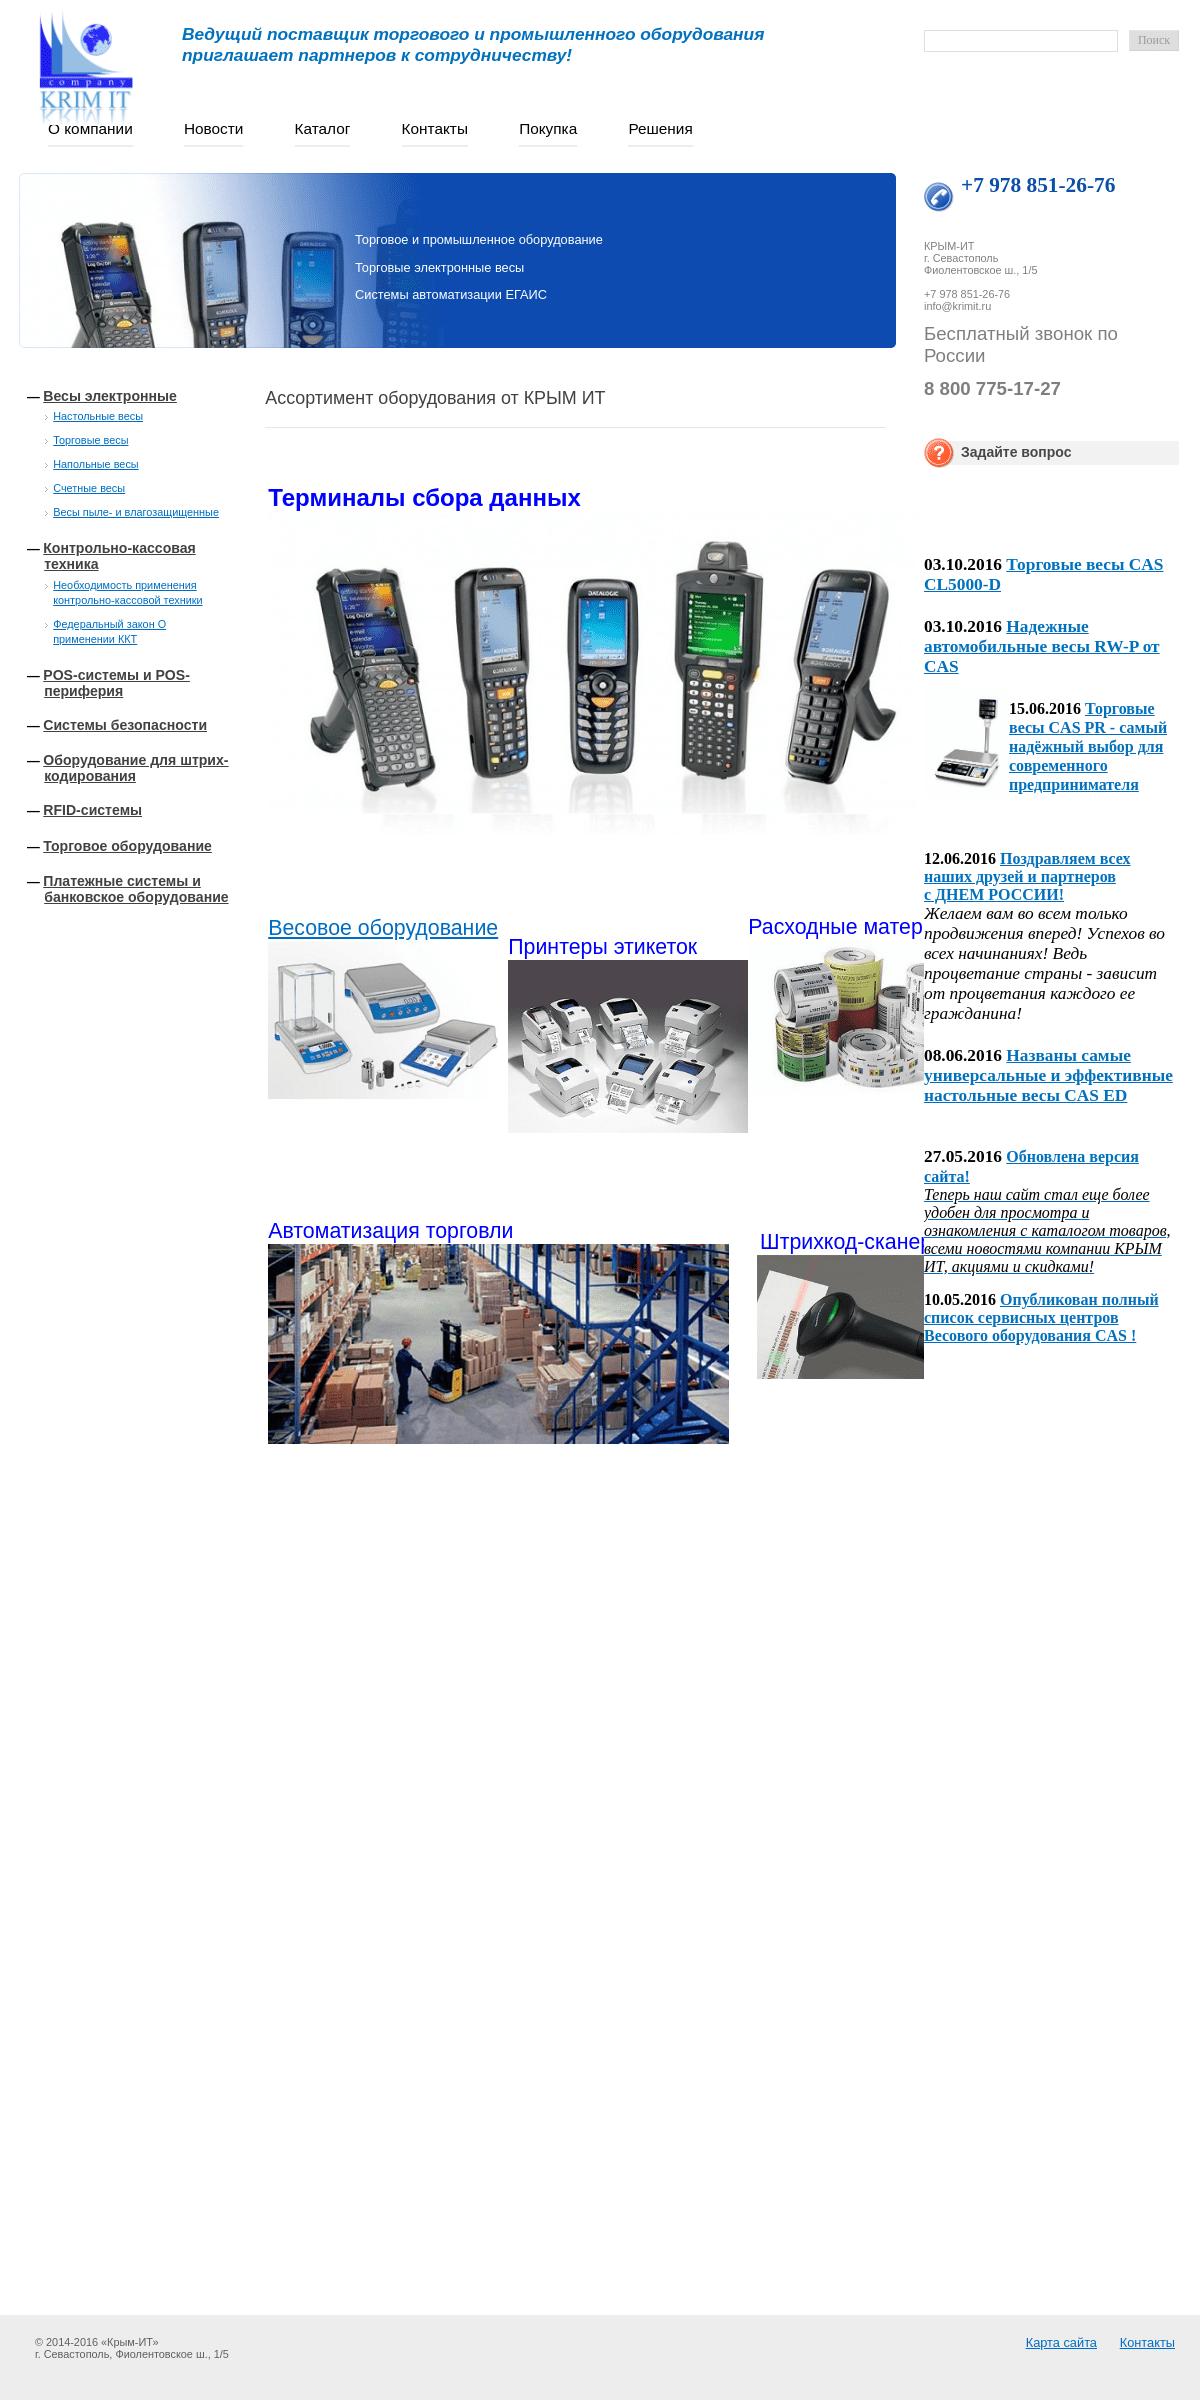 Ассортимент оборудования от КРЫМ ИТ